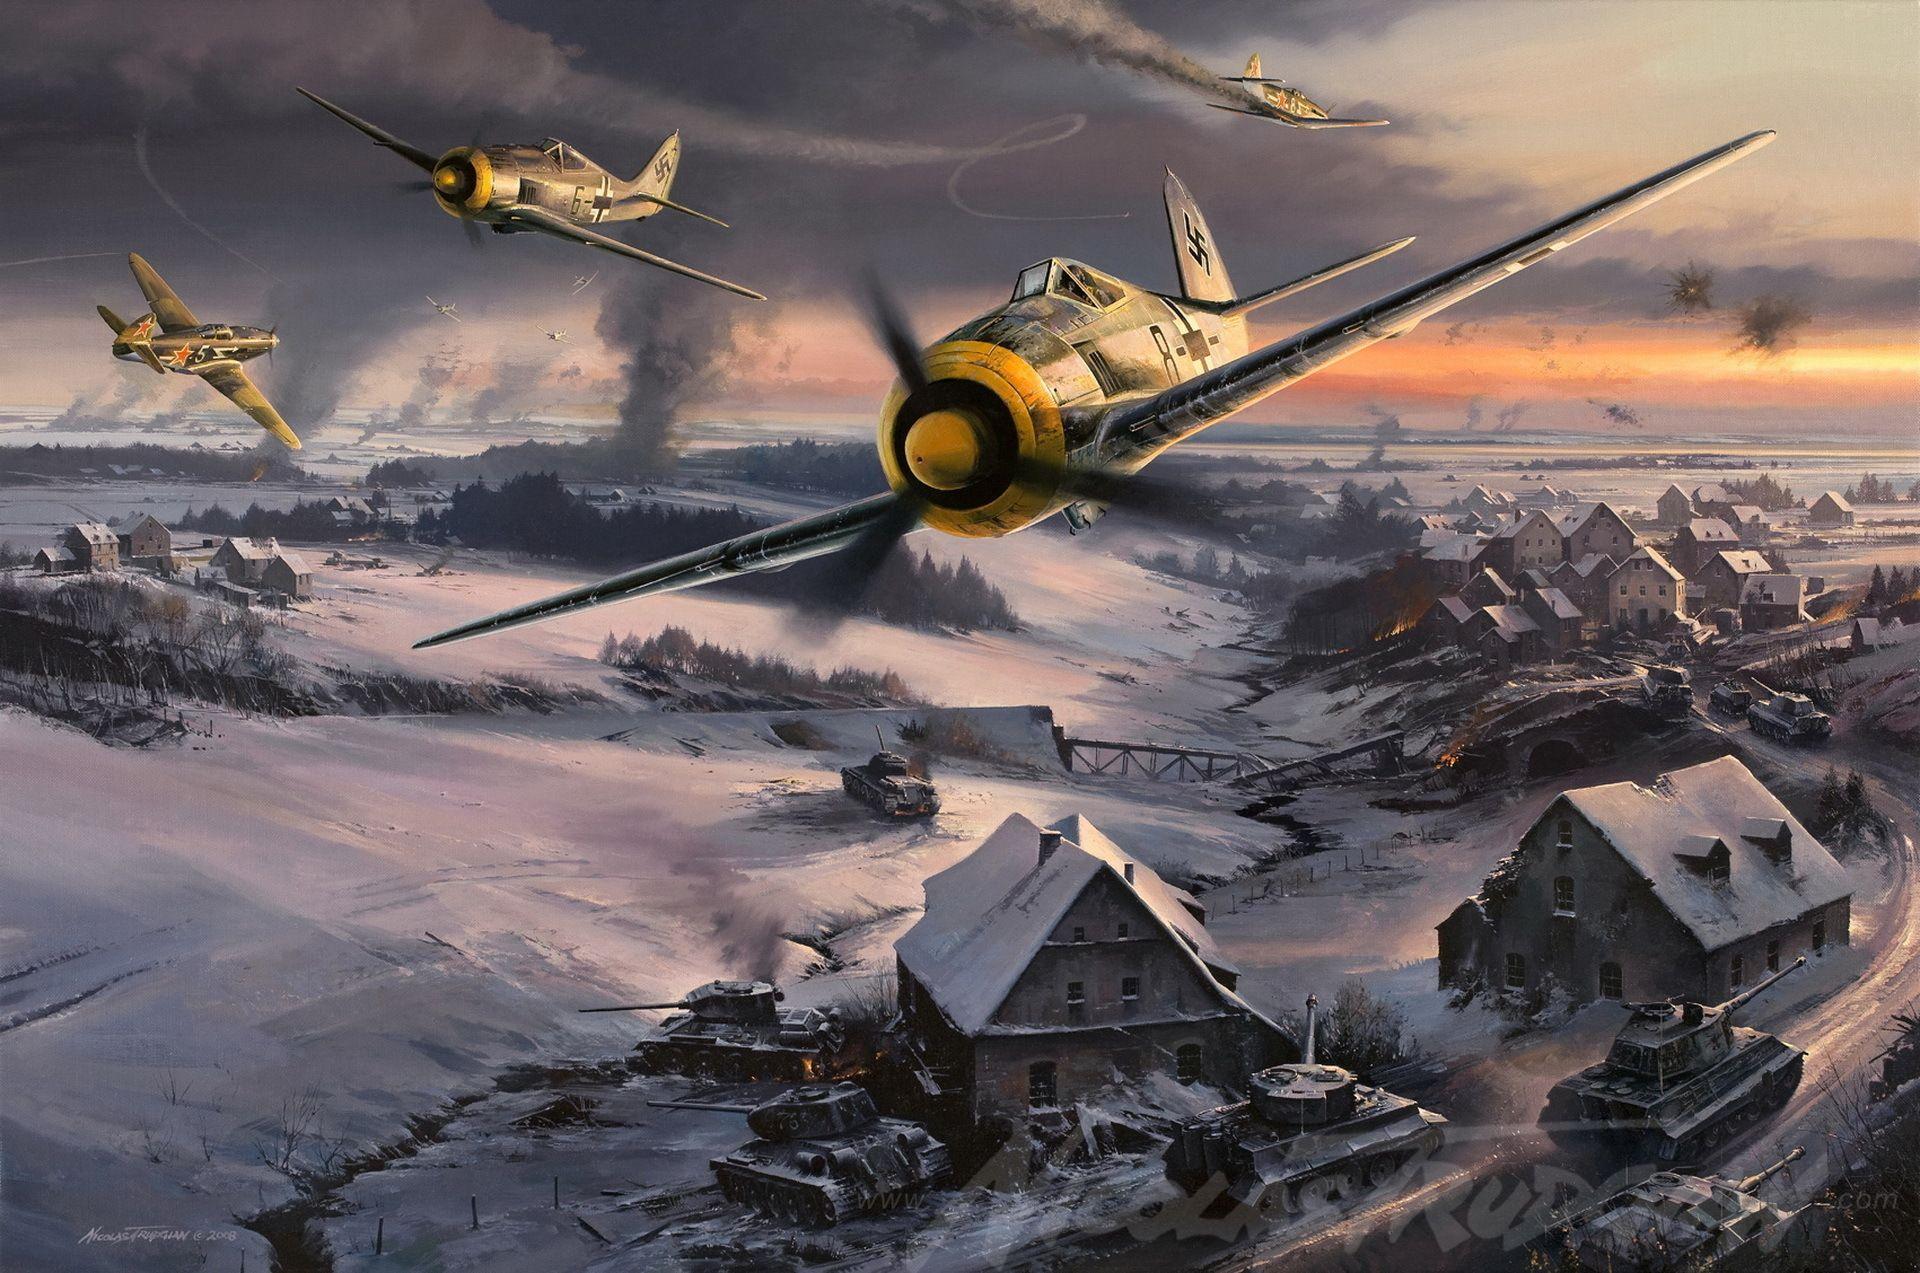 Обои german airplane, ww2, painting.aviation, Fw 190 d-9, bomber hunter, war. Авиация foto 11